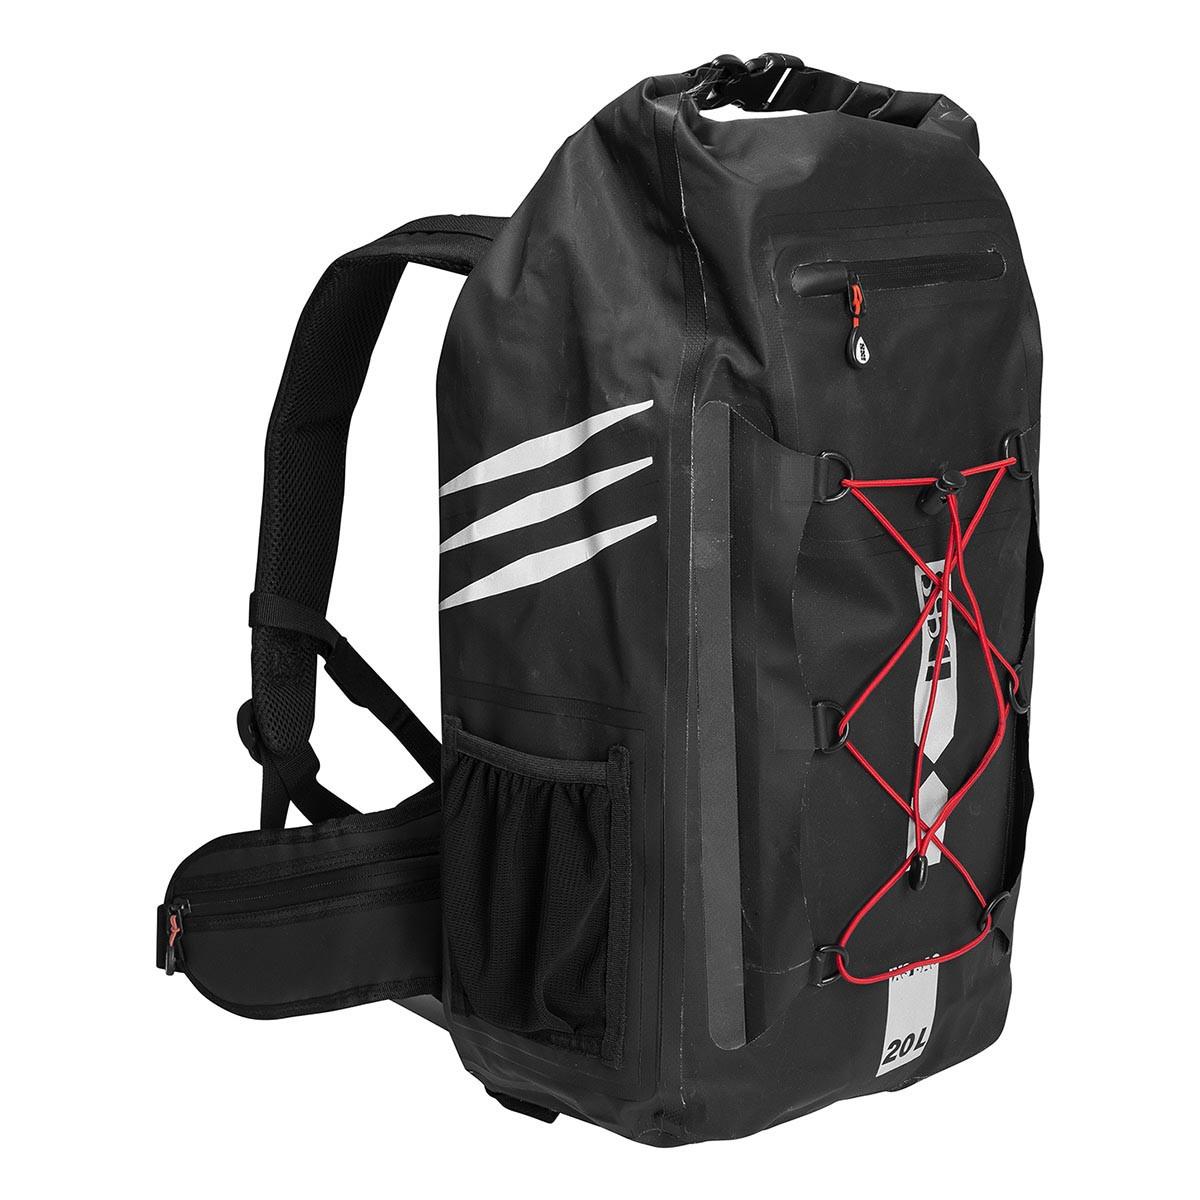 TP Backpack 20 1.0